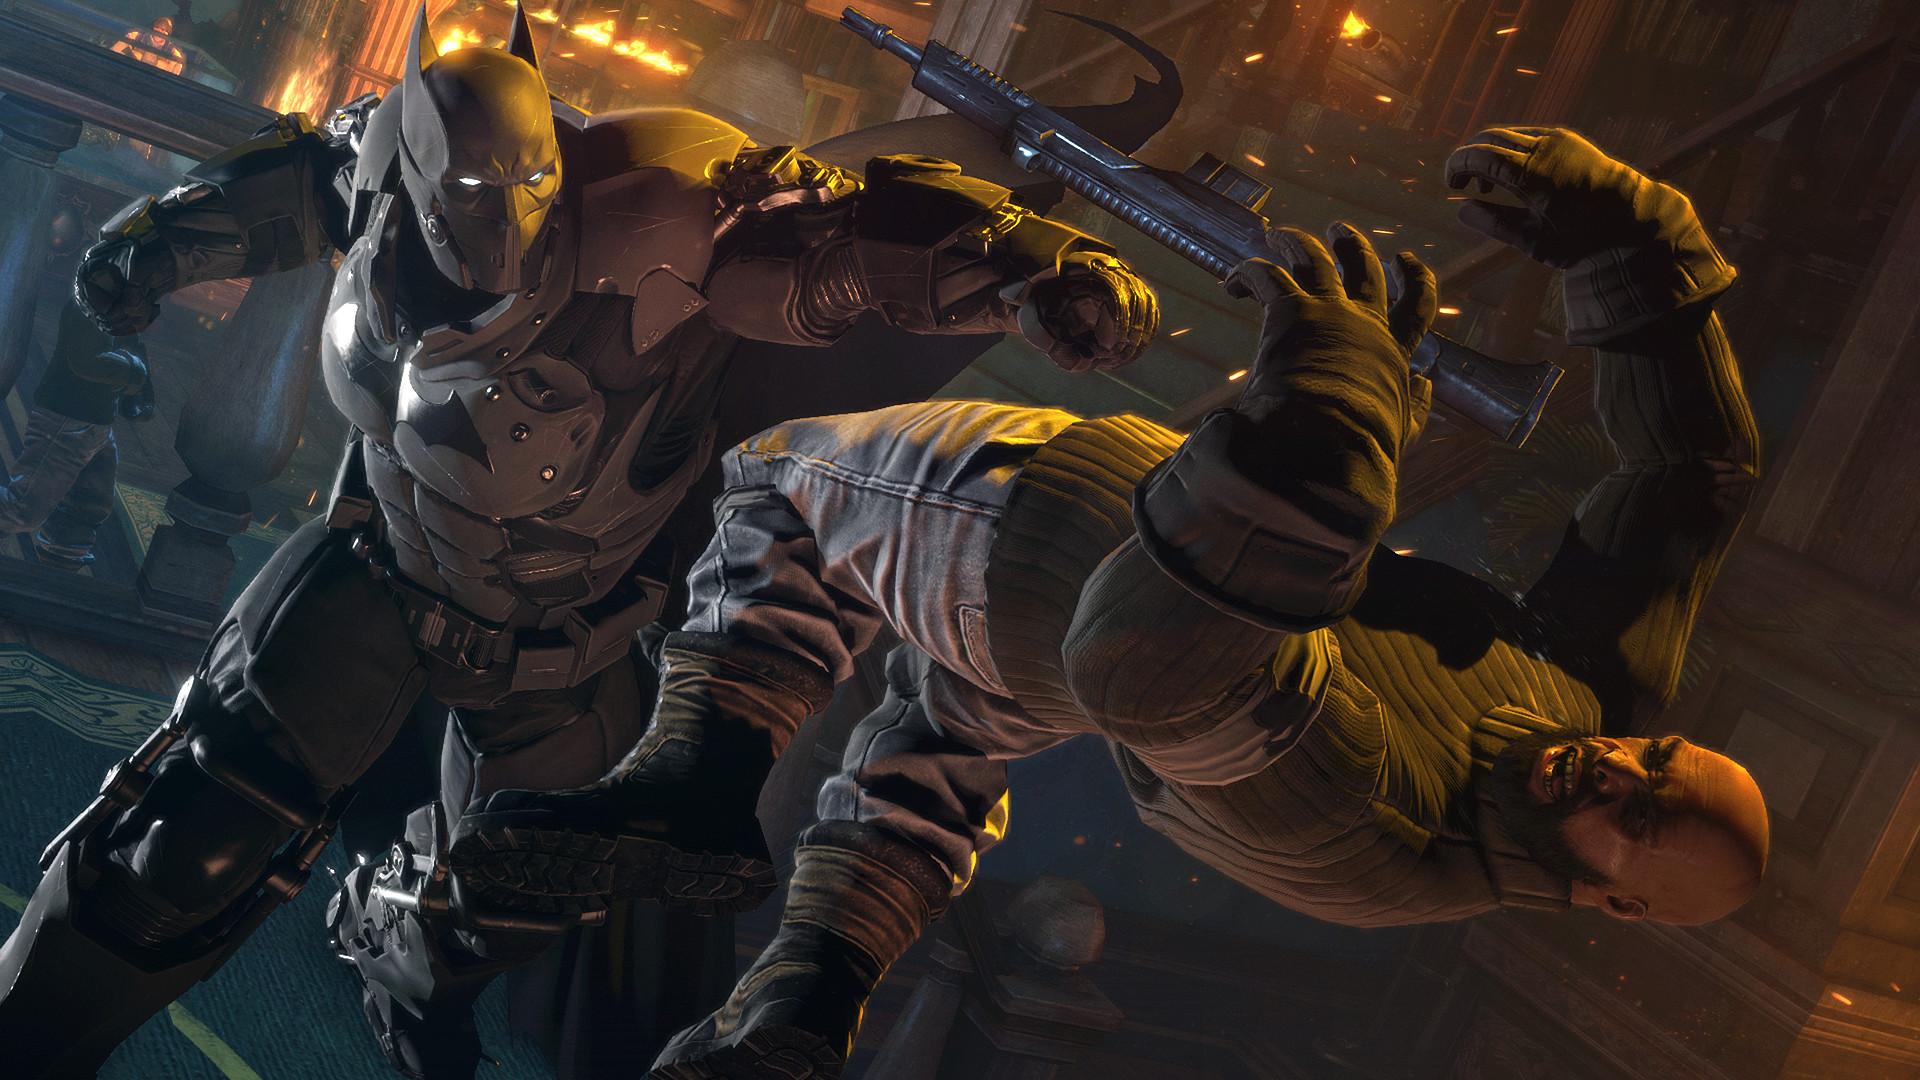 Batman Arkham Origins – GameRaven. Images